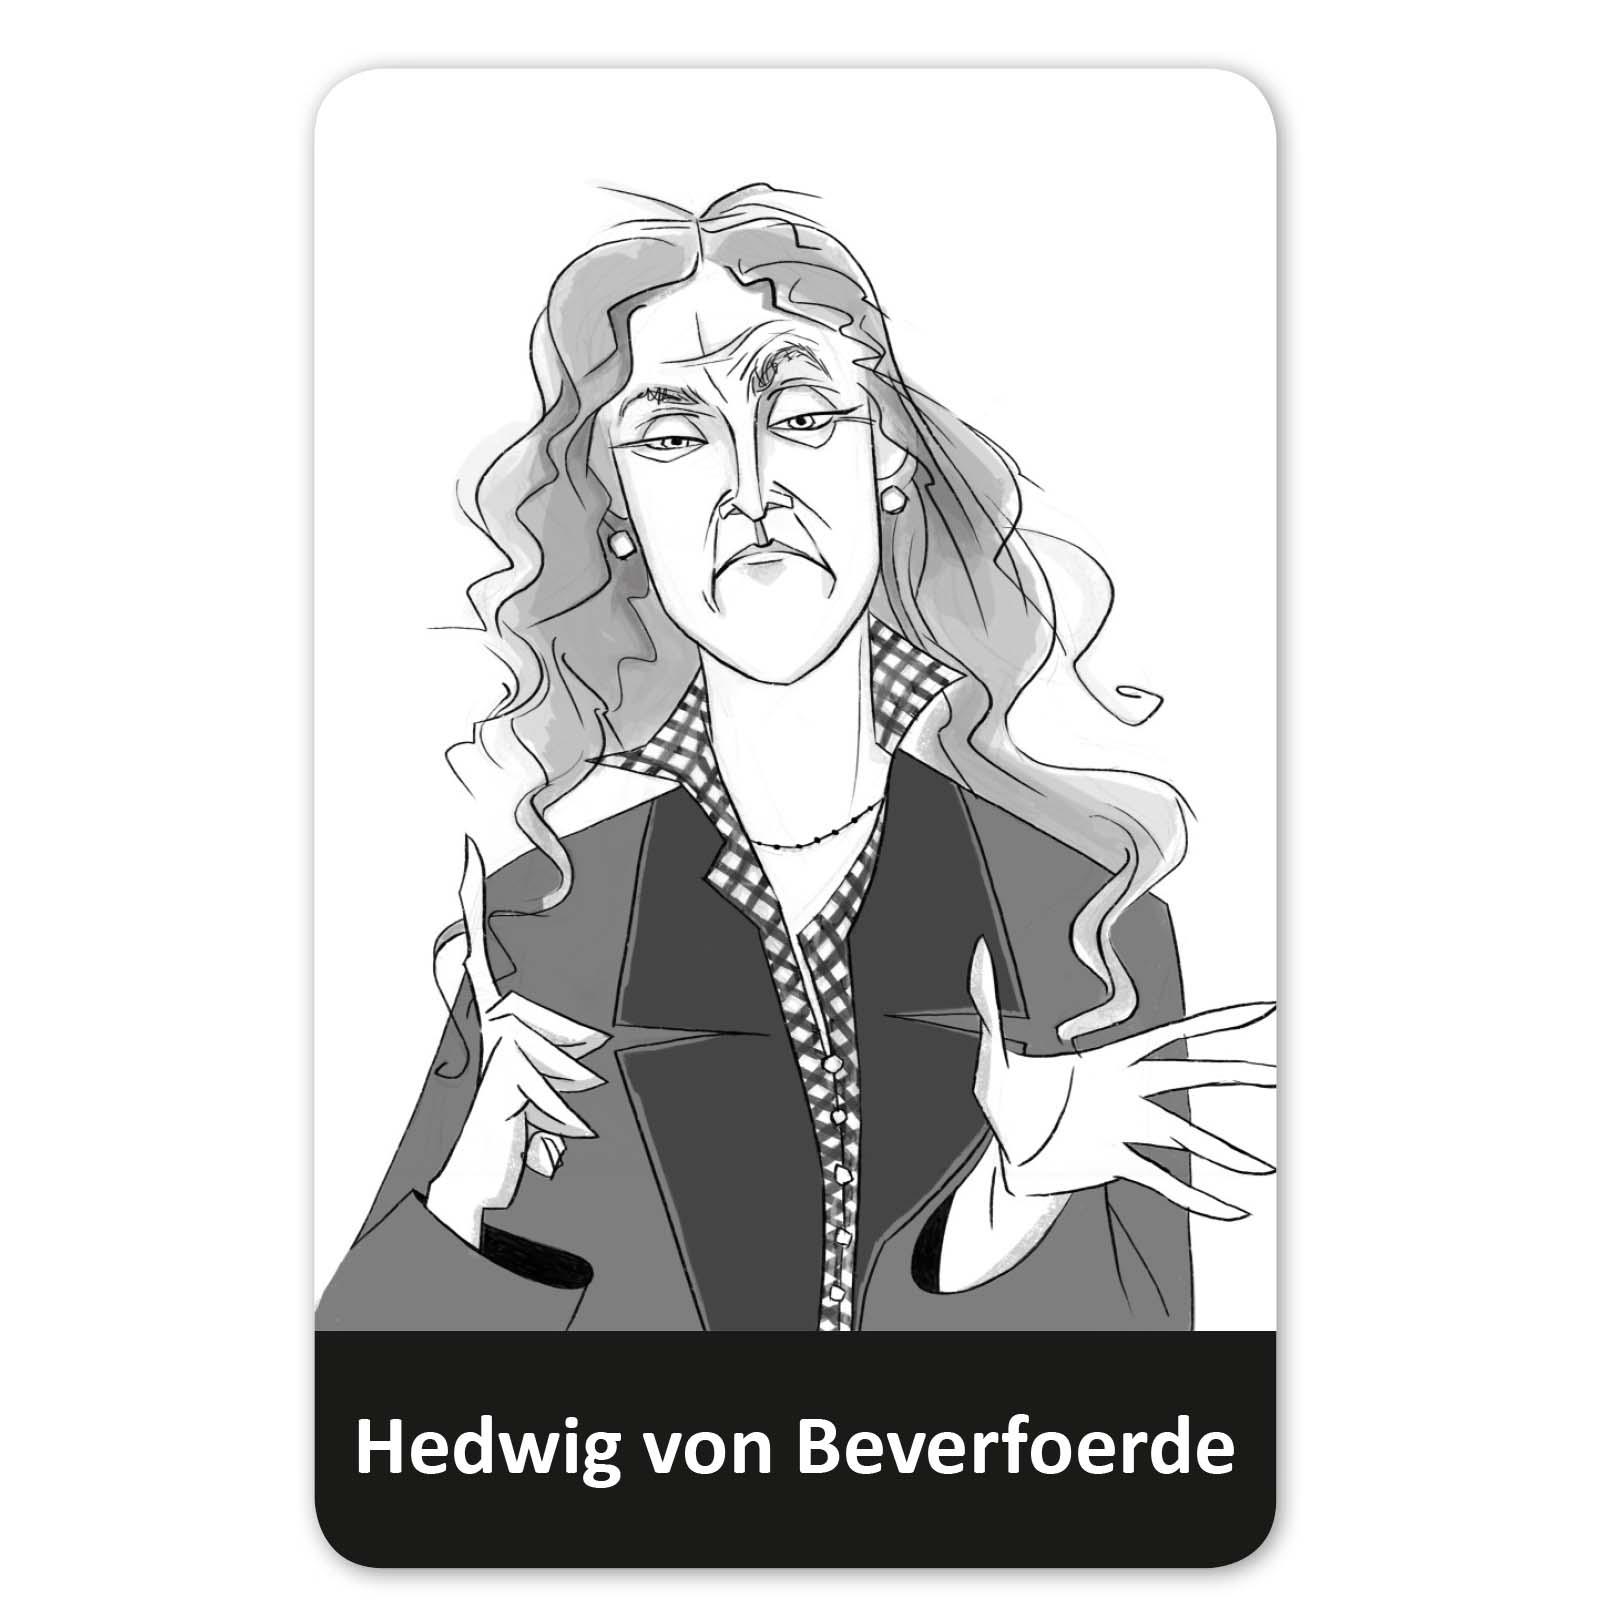 Hedwig von Beverfoerde